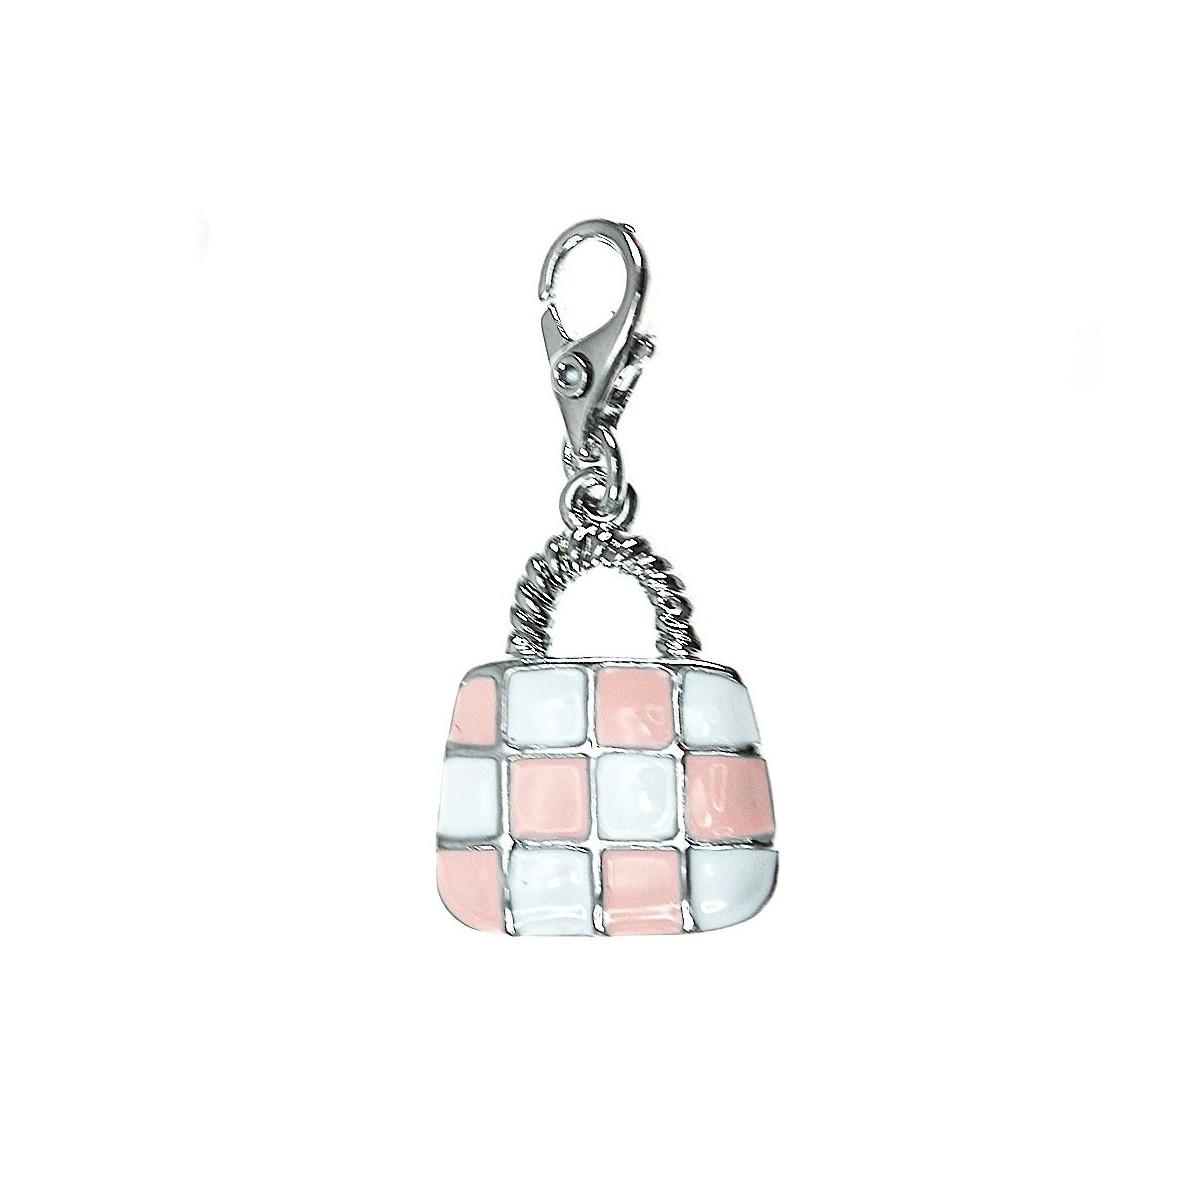 CH0974 Charm sac à main rose et blanc So Charm